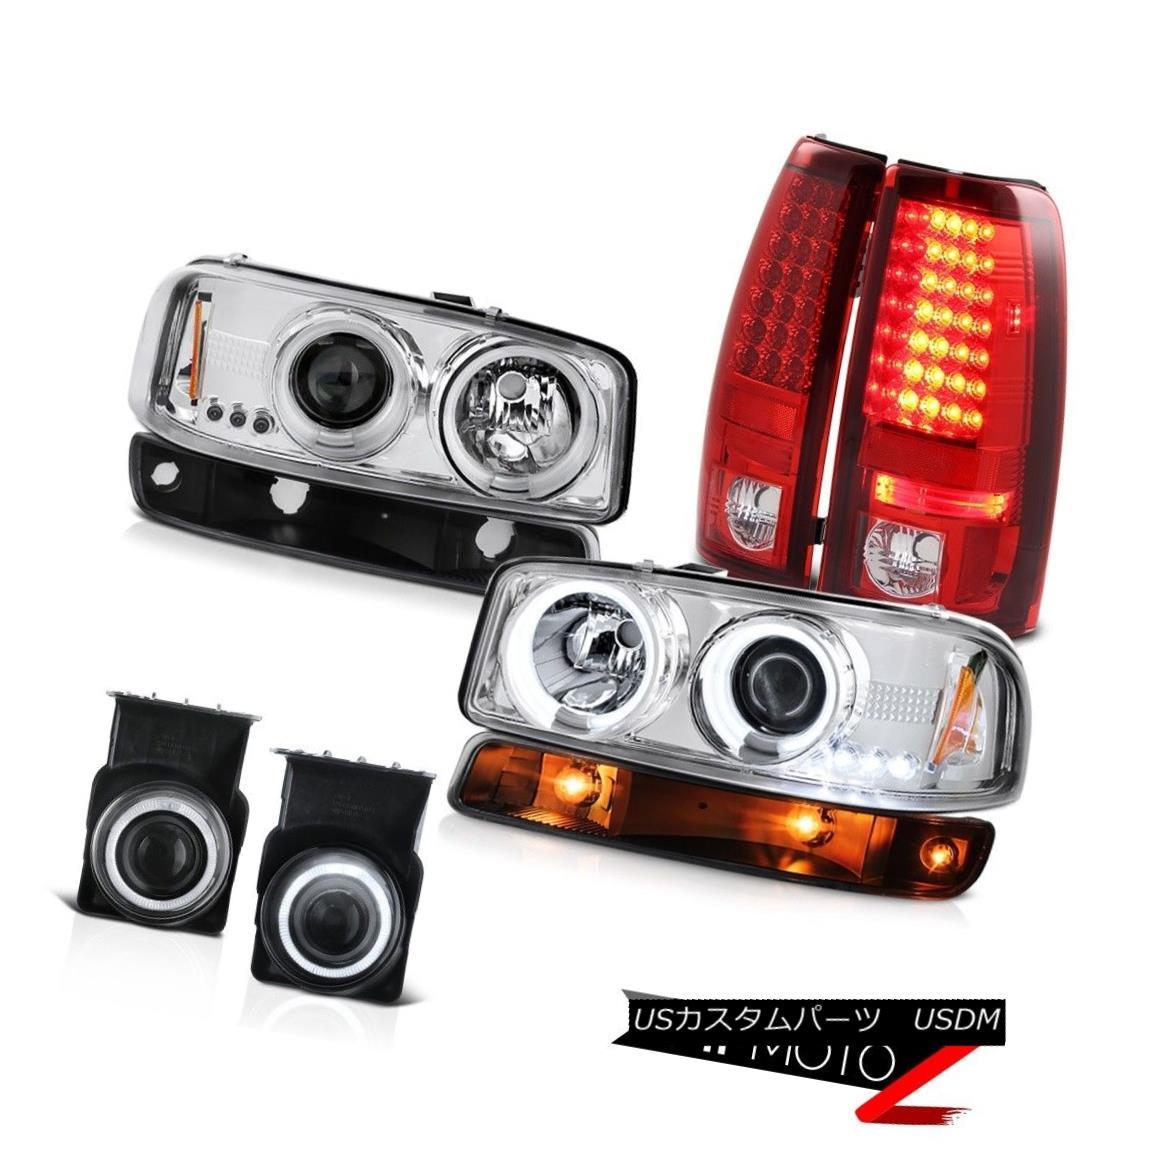 テールライト 03 04 05 06 Sierra C3 Foglamps red tail lights black signal lamp ccfl headlamps 03 04 05 06シエラC3フォグランプ赤い尾灯黒信号ccflヘッドランプ